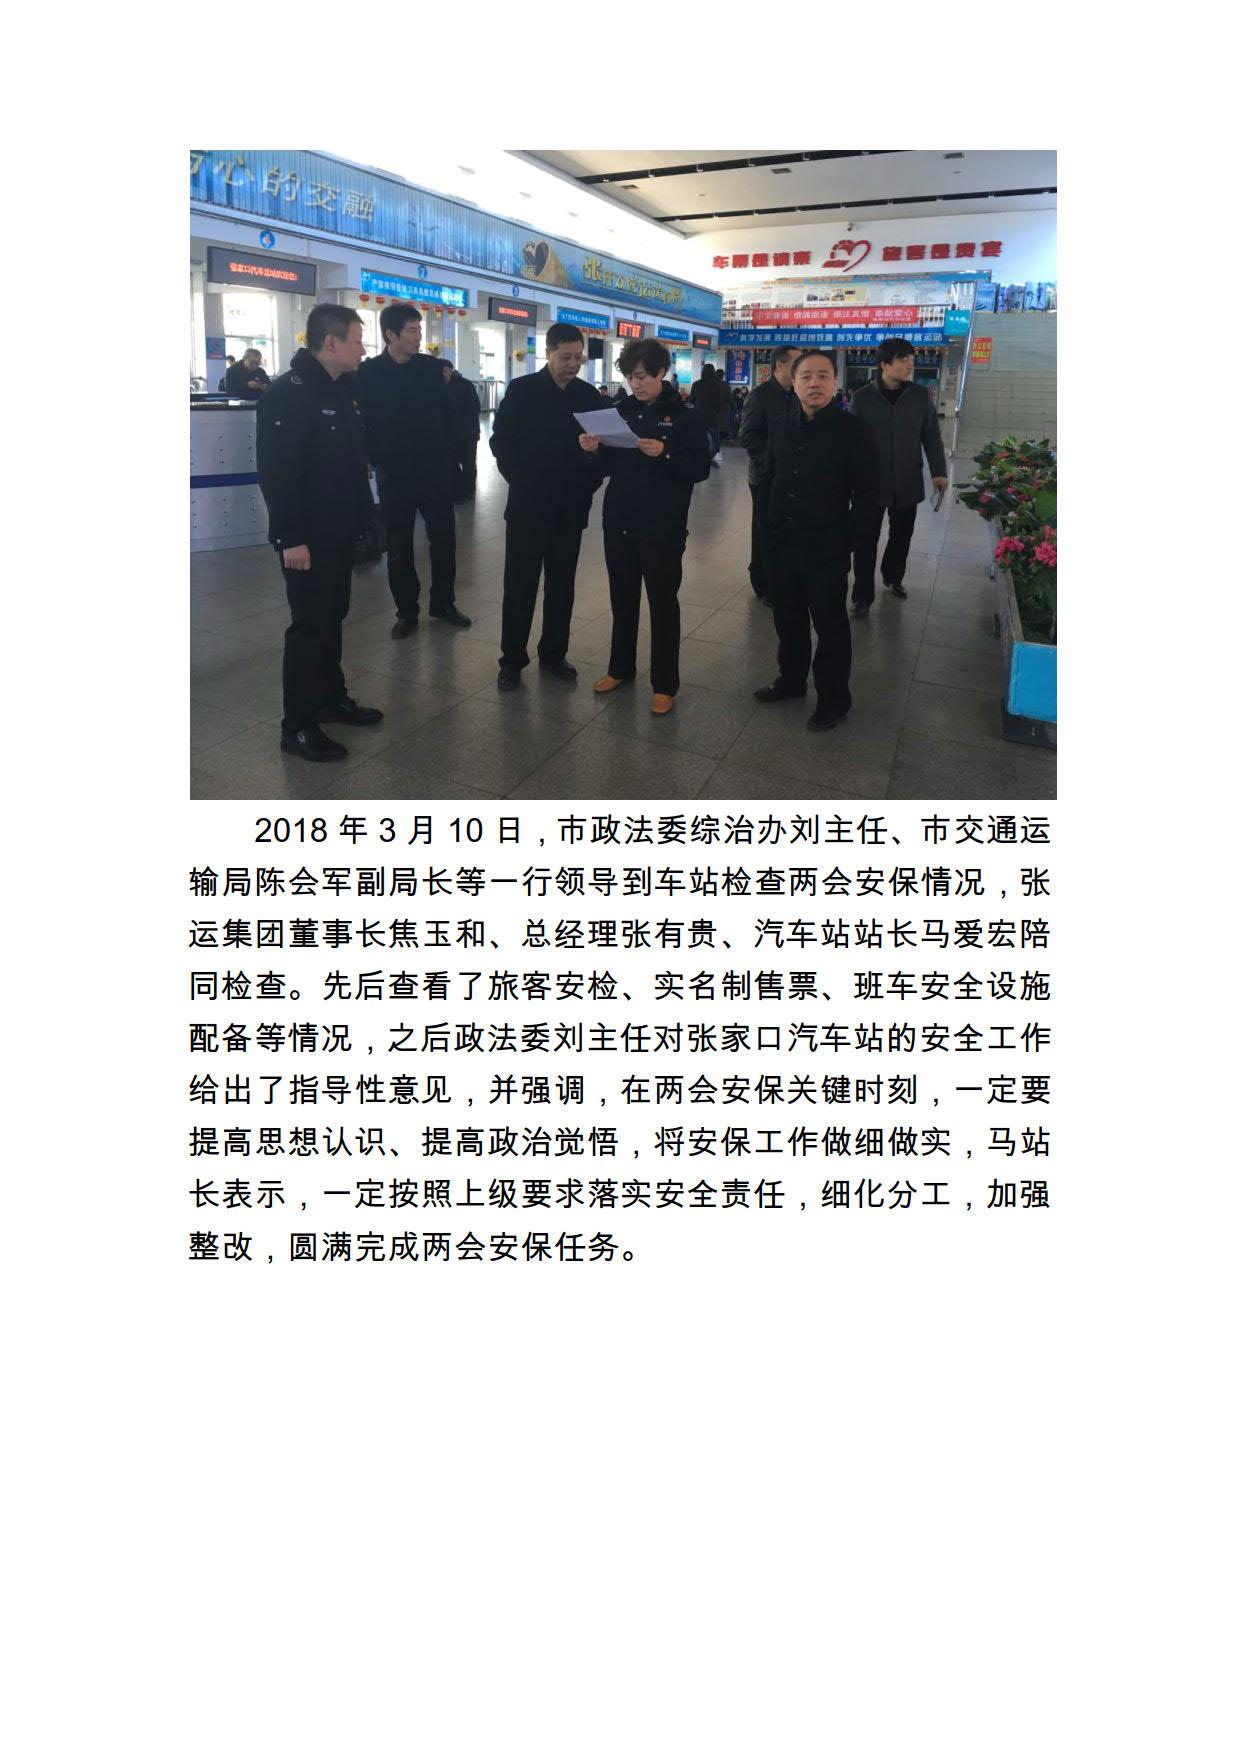 市政法委领导到车站检查两会安保工作3-10_1.jpg